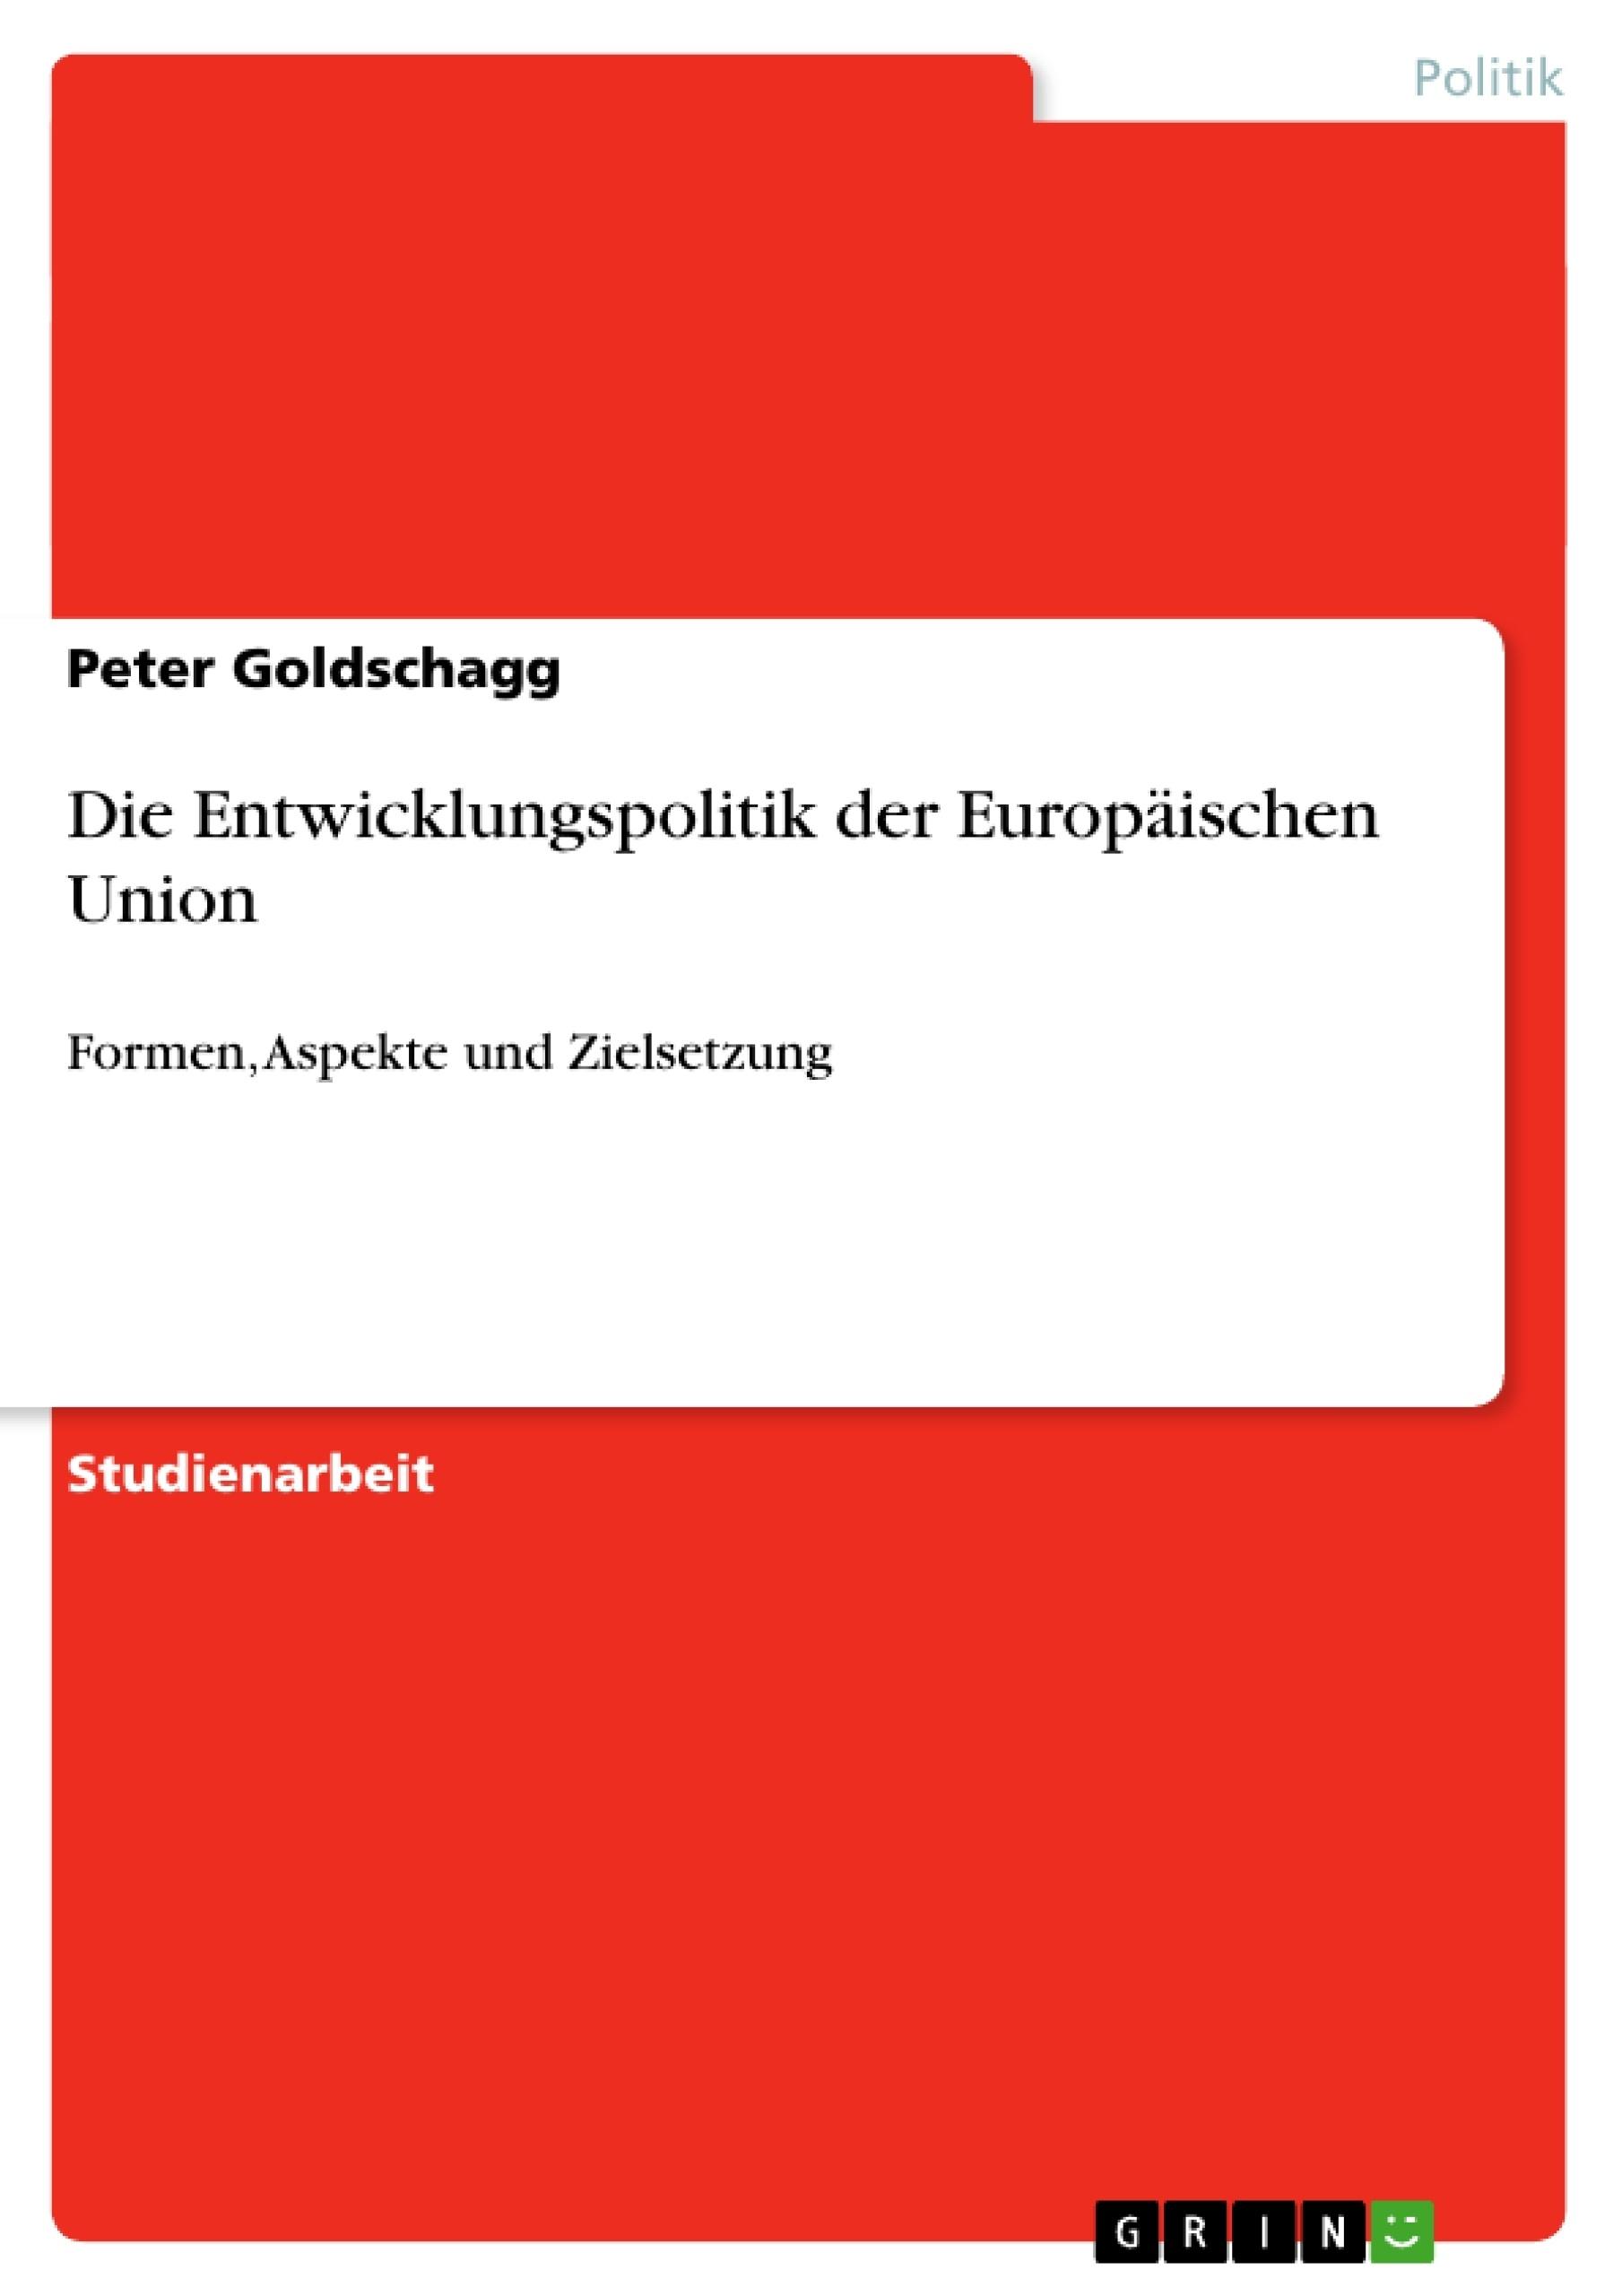 Titel: Die Entwicklungspolitik der Europäischen Union